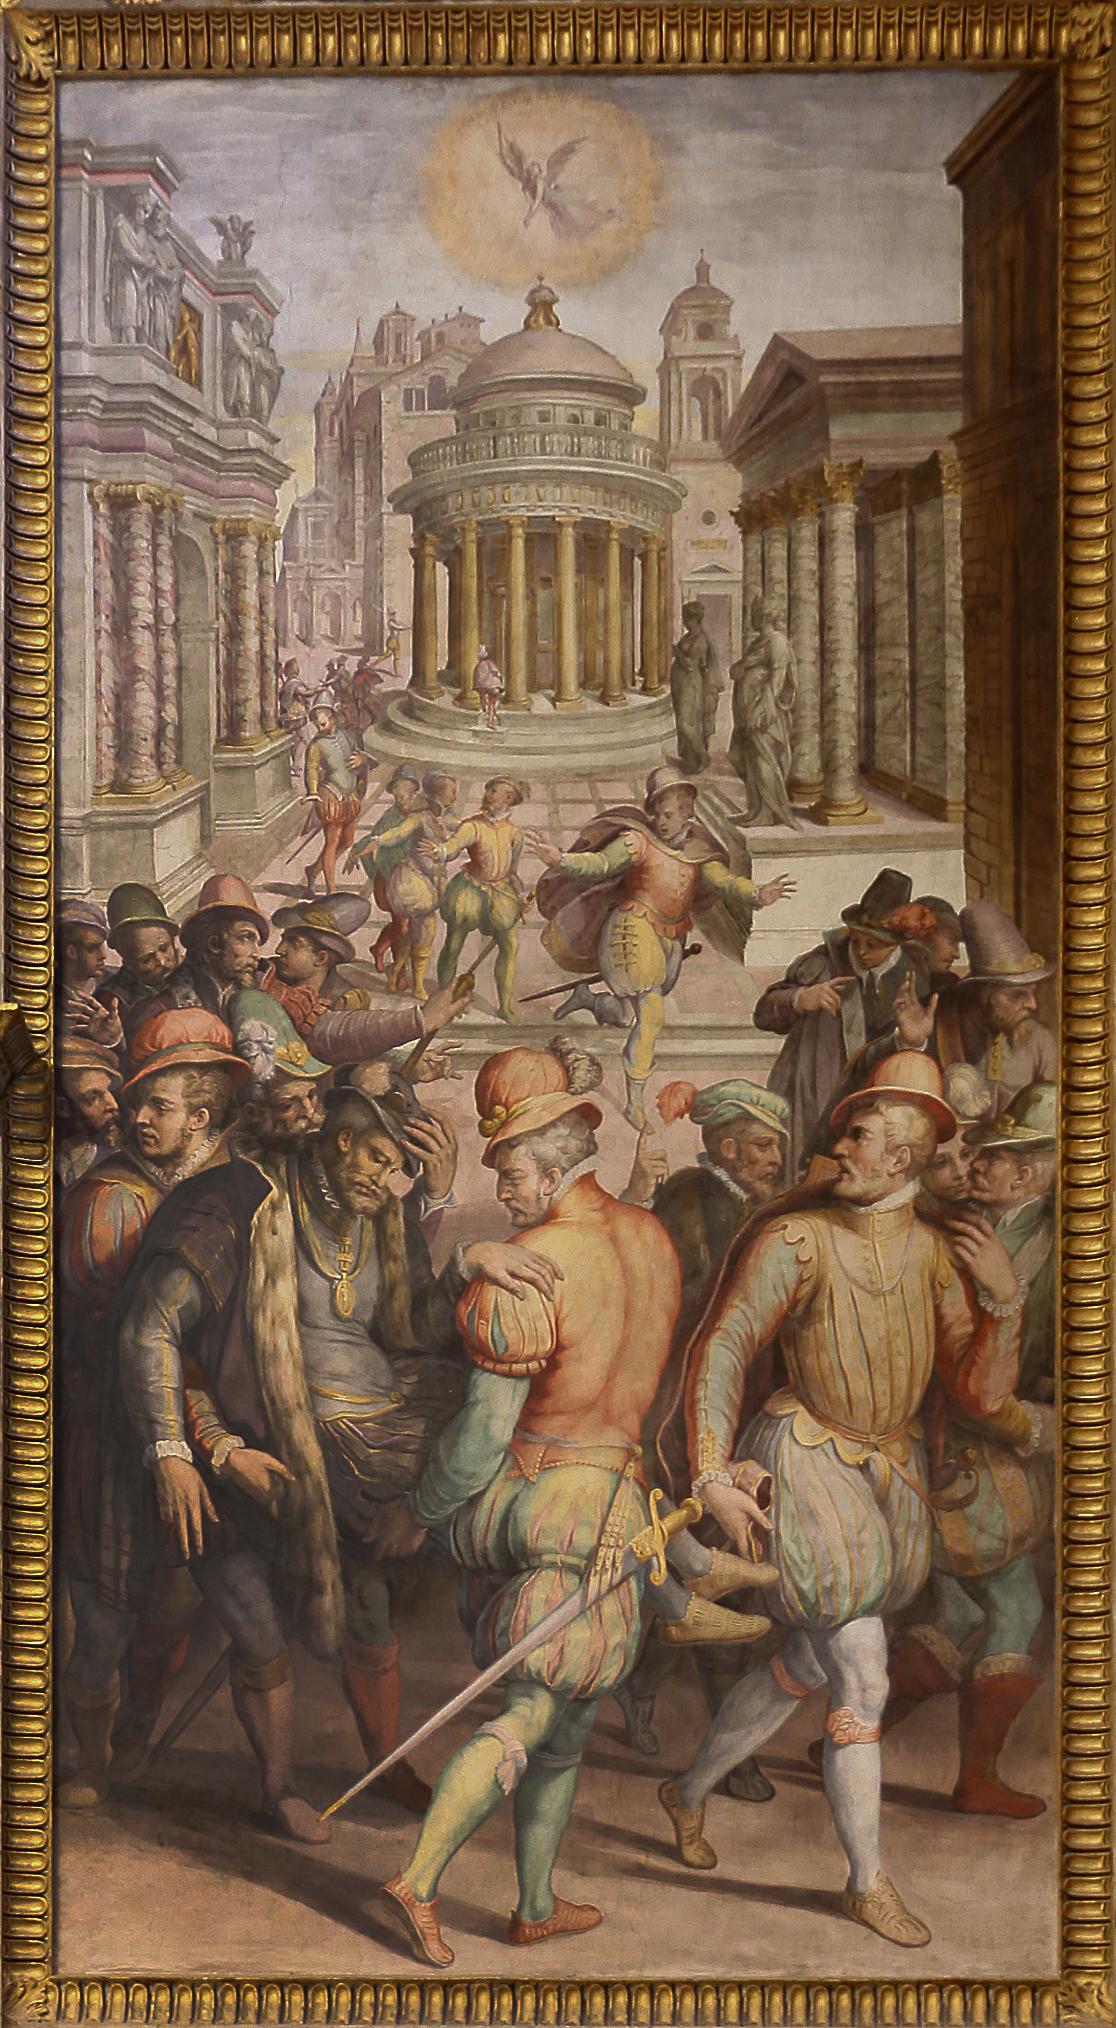 Giorgio_vasari,_prima_storia_della_notte_di_san_bartolomeo,_1573,_01_ammiraglio_gaspard_ferito.jpg